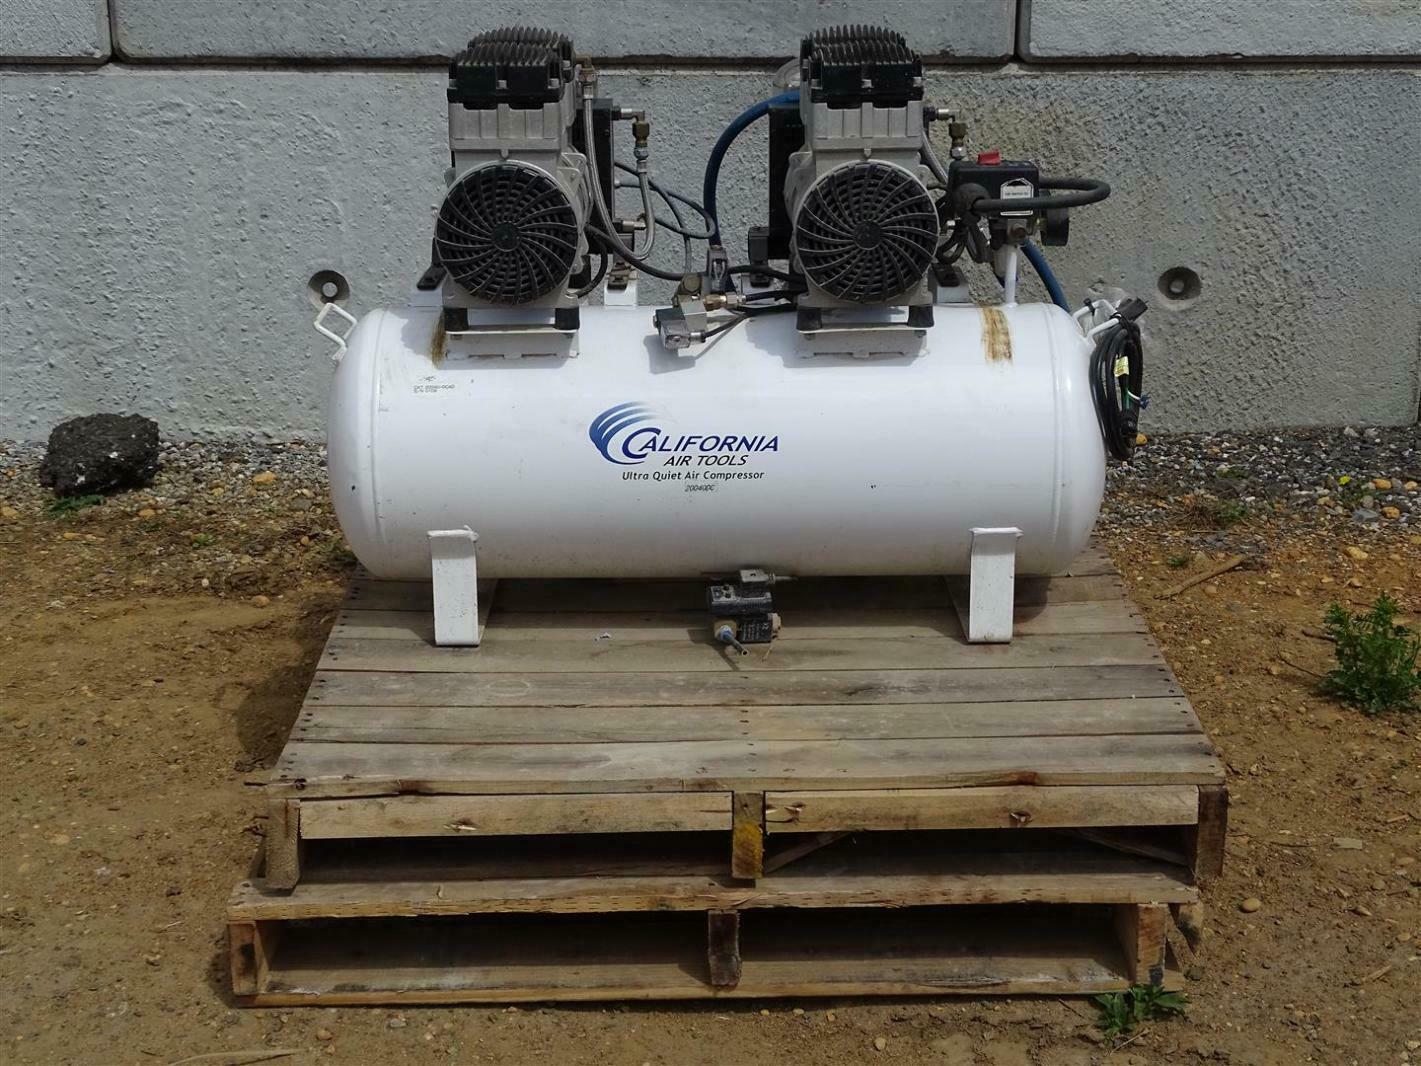 als-104-california-air-tools-ultra-quiet-air-compressor-220v-60hz-1500w-90407.jpg